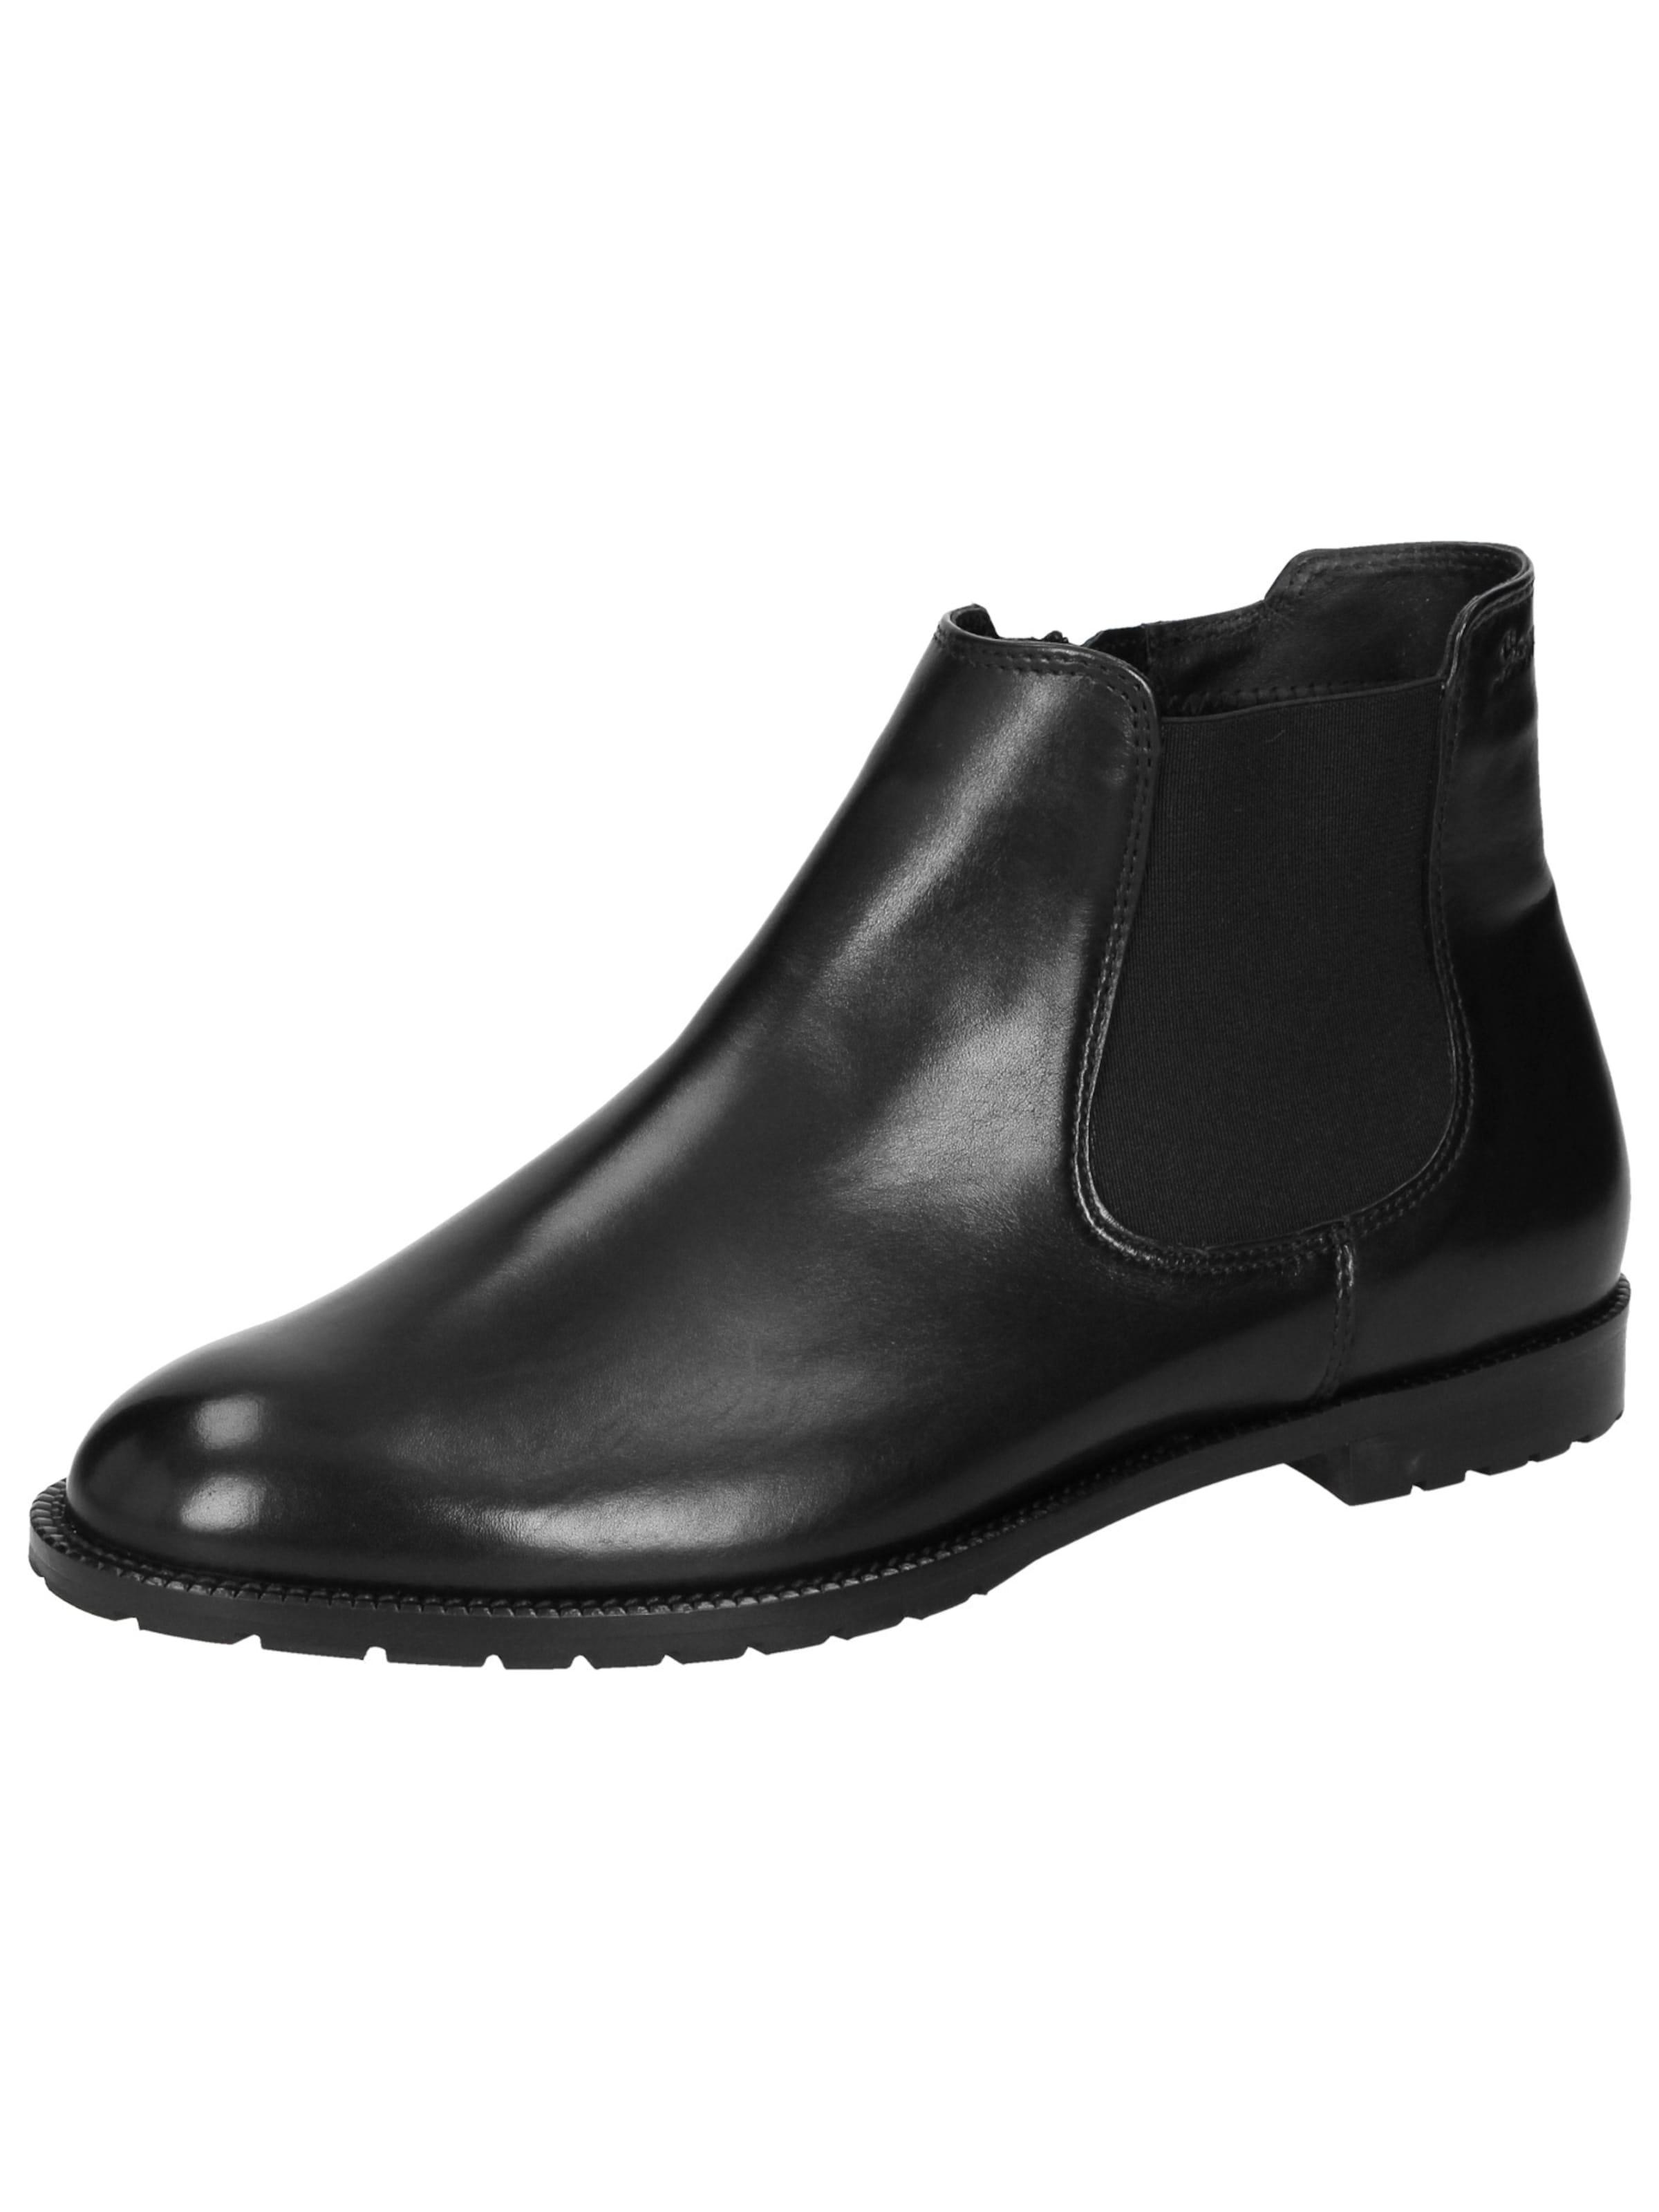 SIOUX Stiefelette Erja Verschleißfeste billige Schuhe